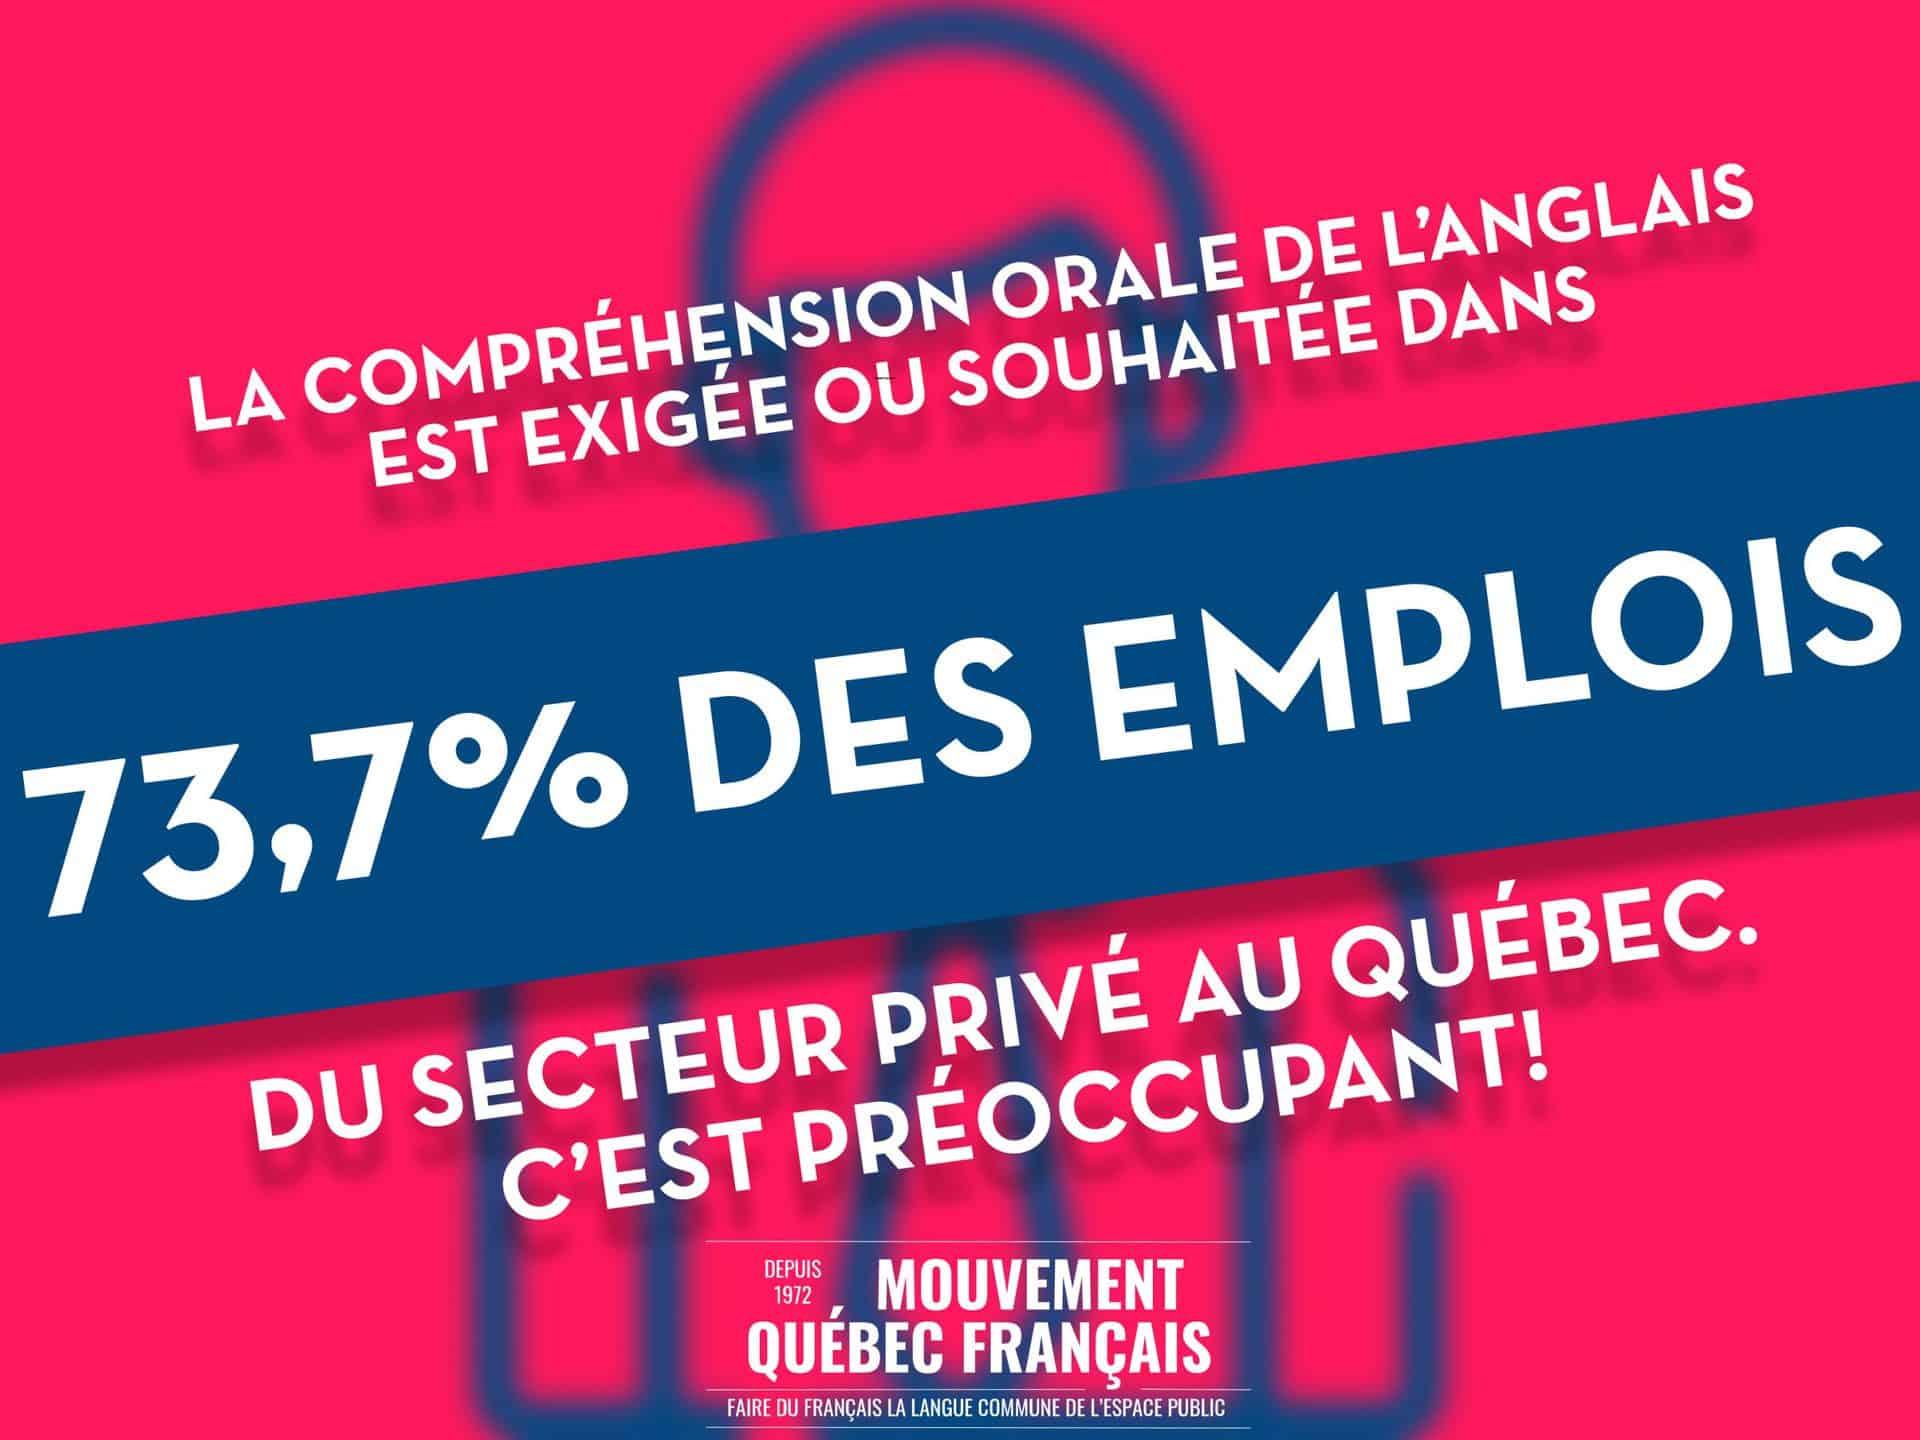 Langlais exigé dans les emplois du secteur privé